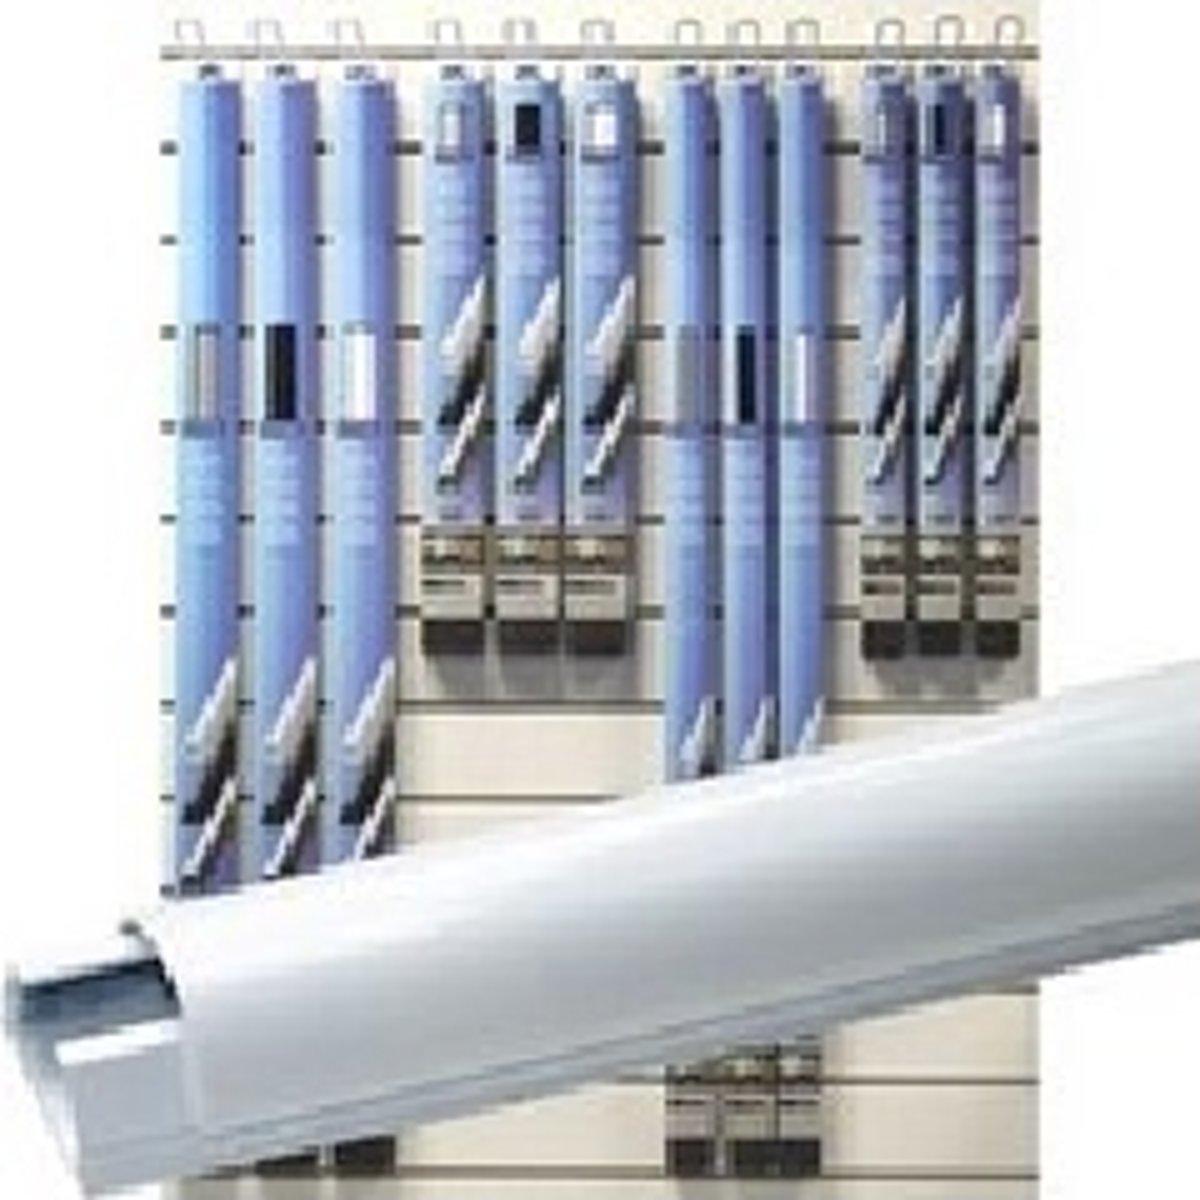 Cavus CFL460W kabel beschermer kopen